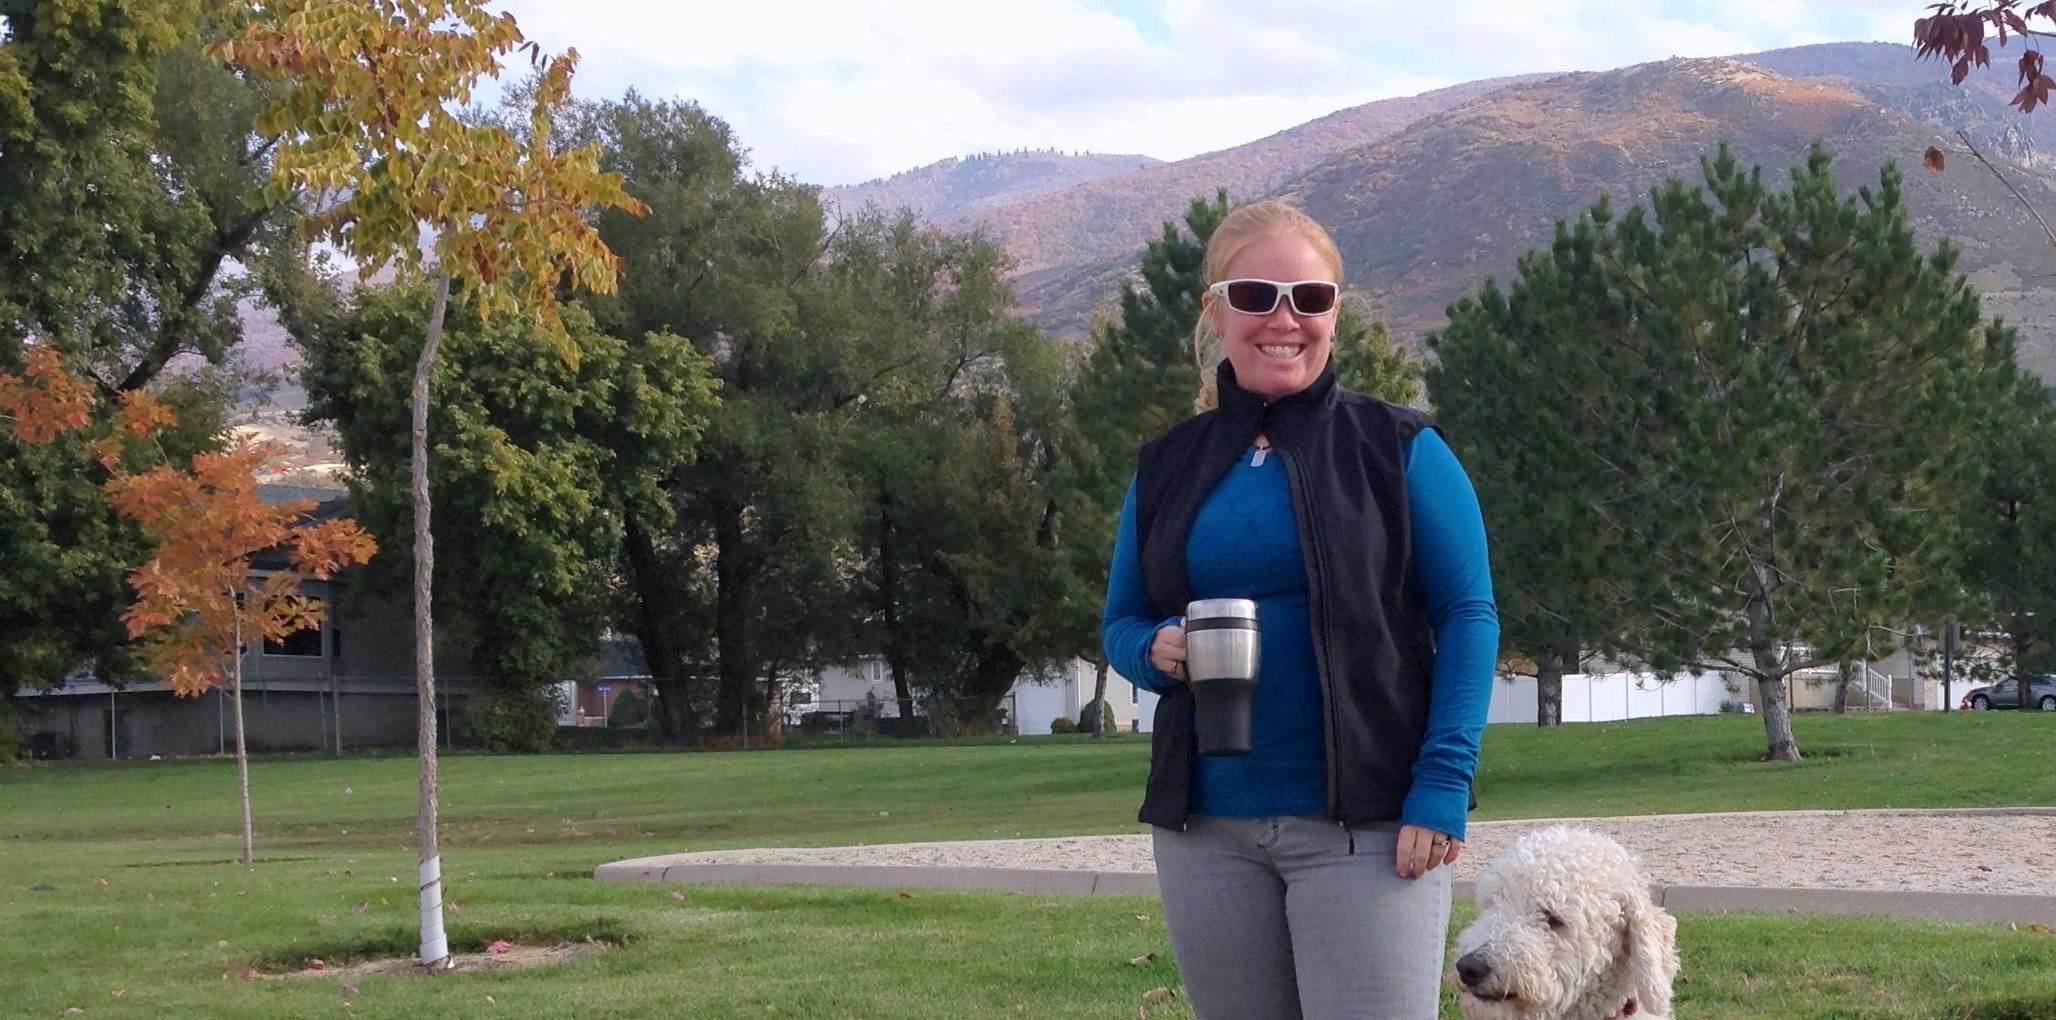 MIsty Mountain vest for Fall full res